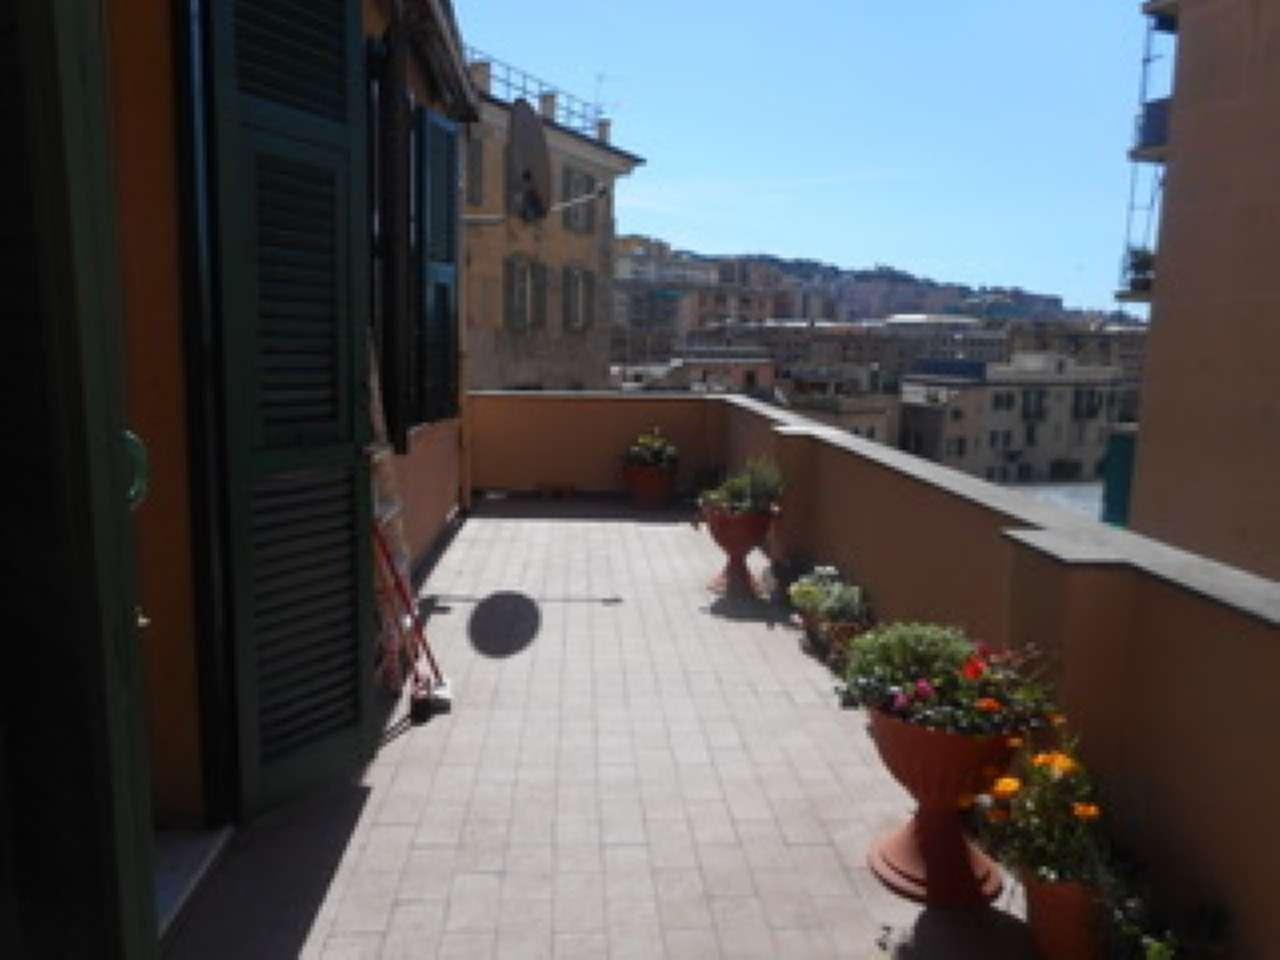 Attico / Mansarda in vendita a Genova, 6 locali, zona Zona: 5 . Marassi-Staglieno, prezzo € 88.000 | CambioCasa.it